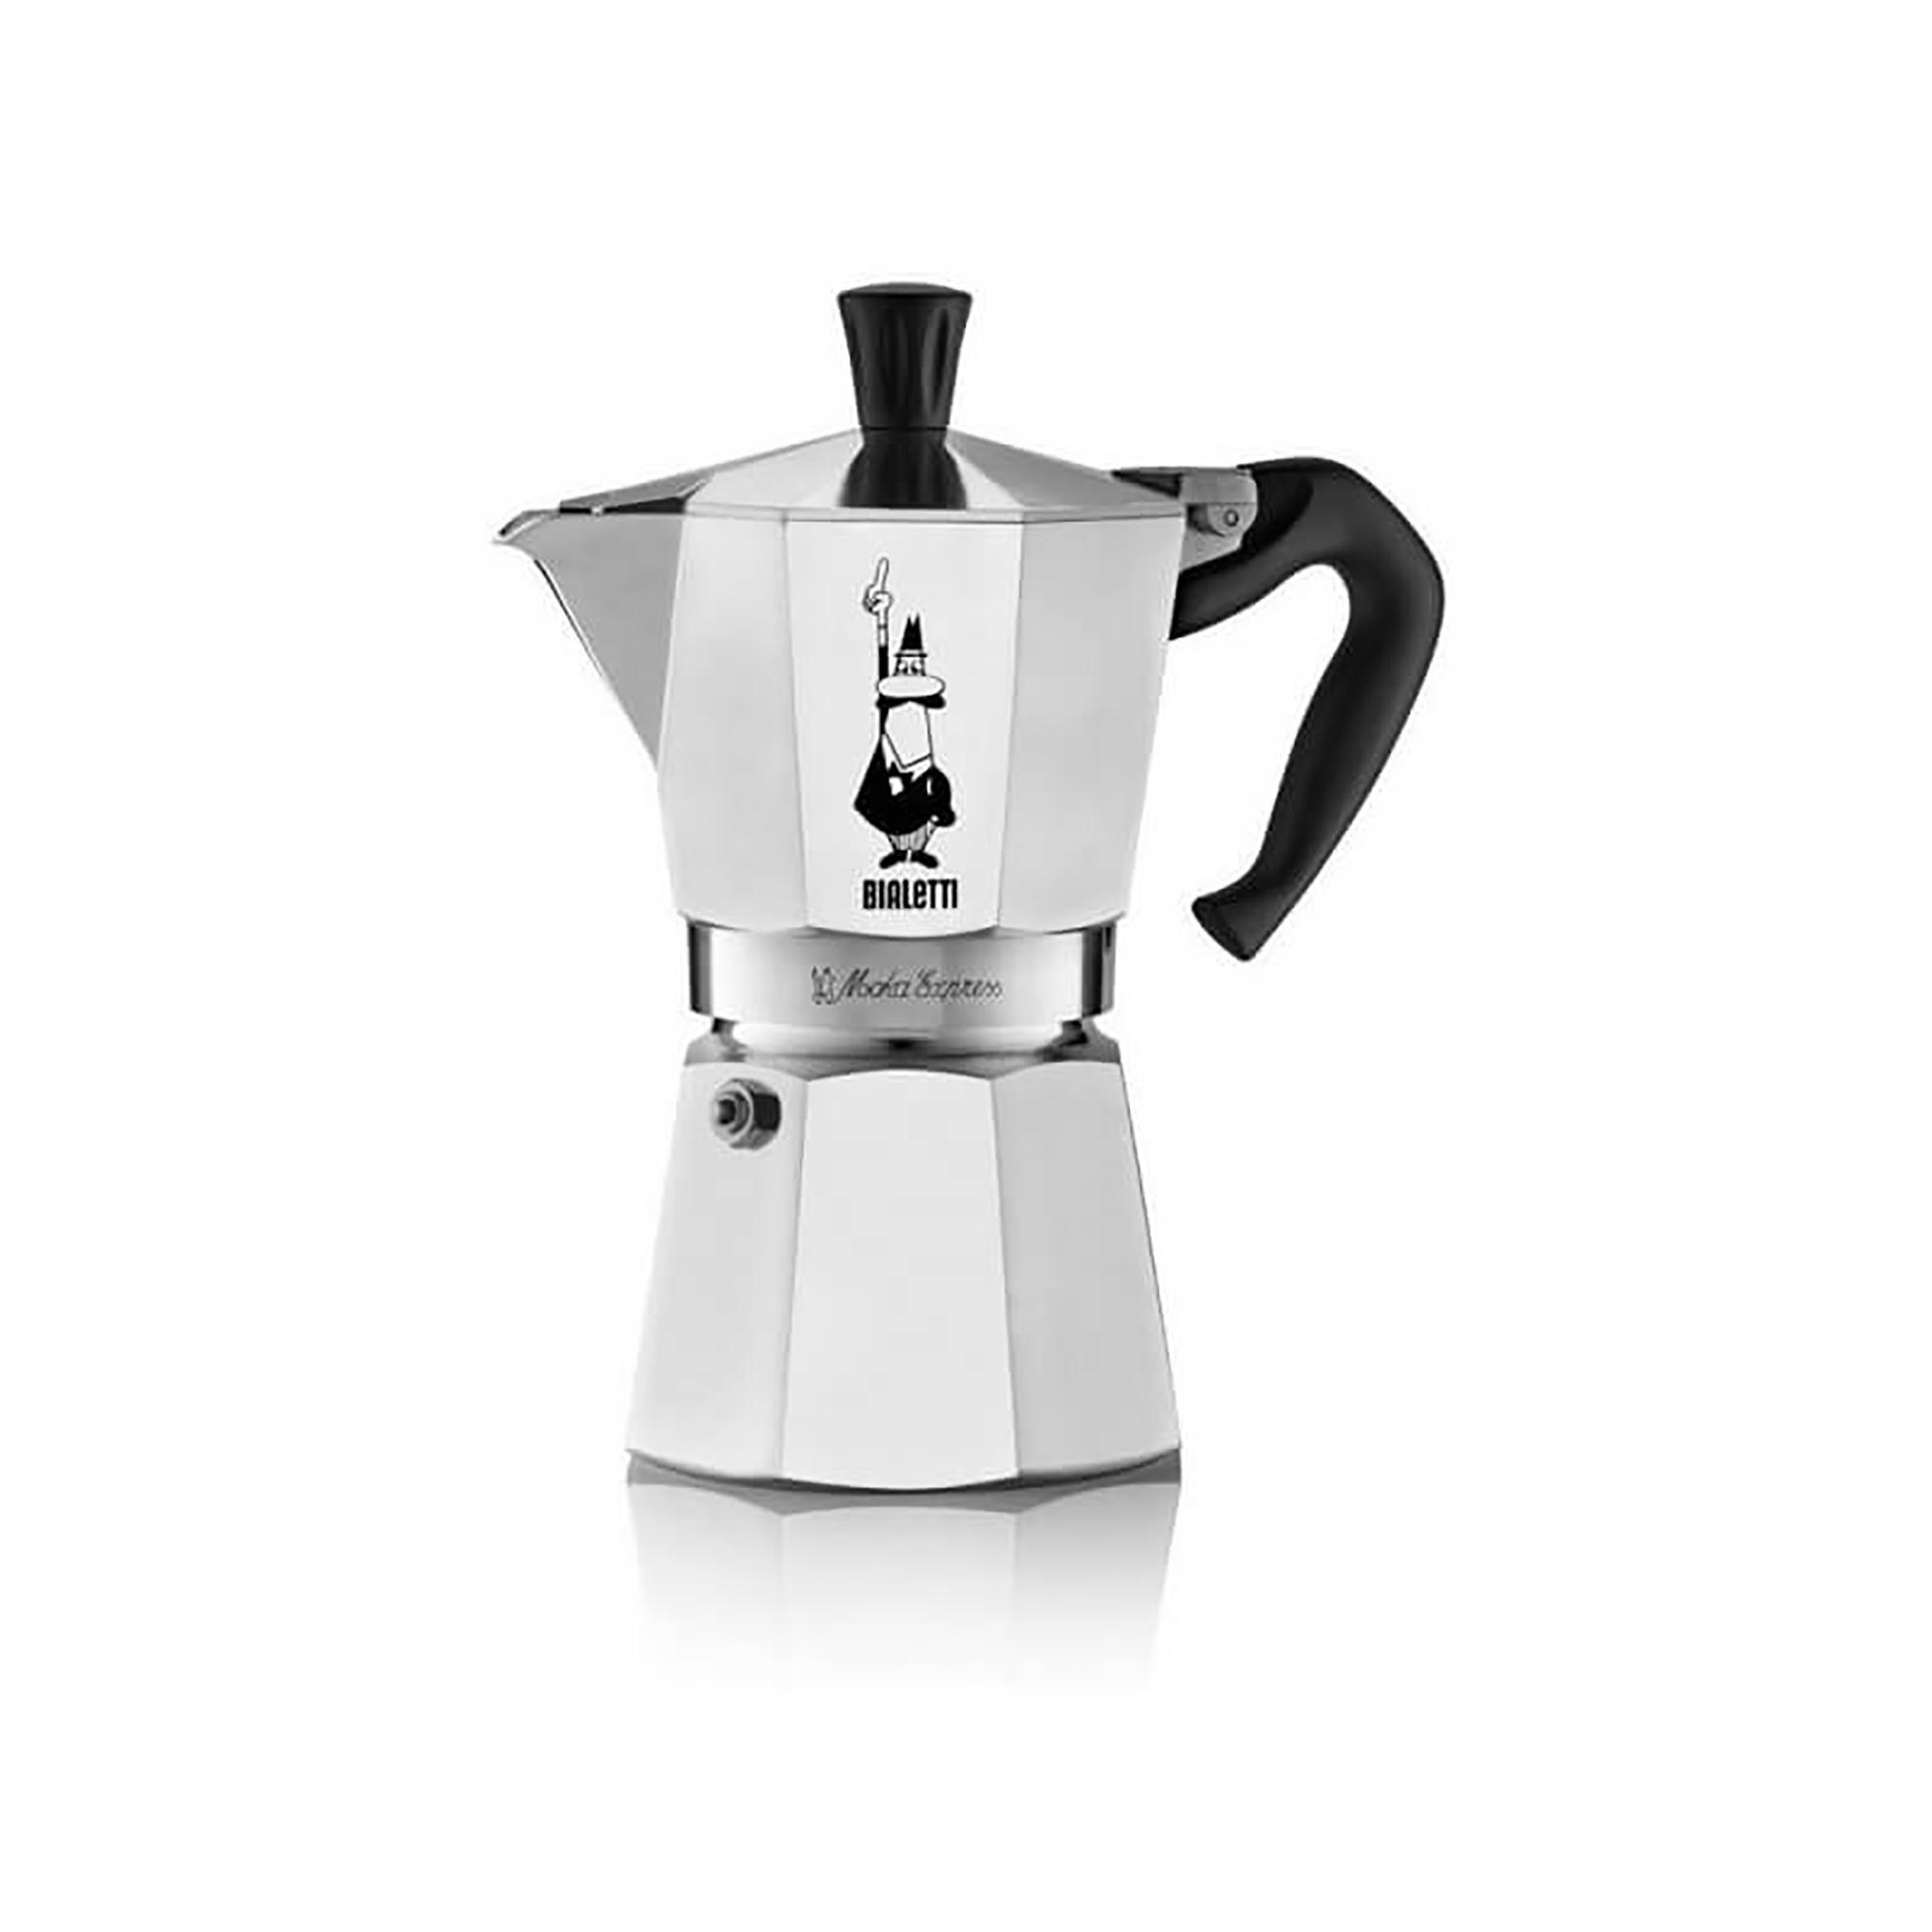 Billede af Moka Express espressokande - 6 kopper